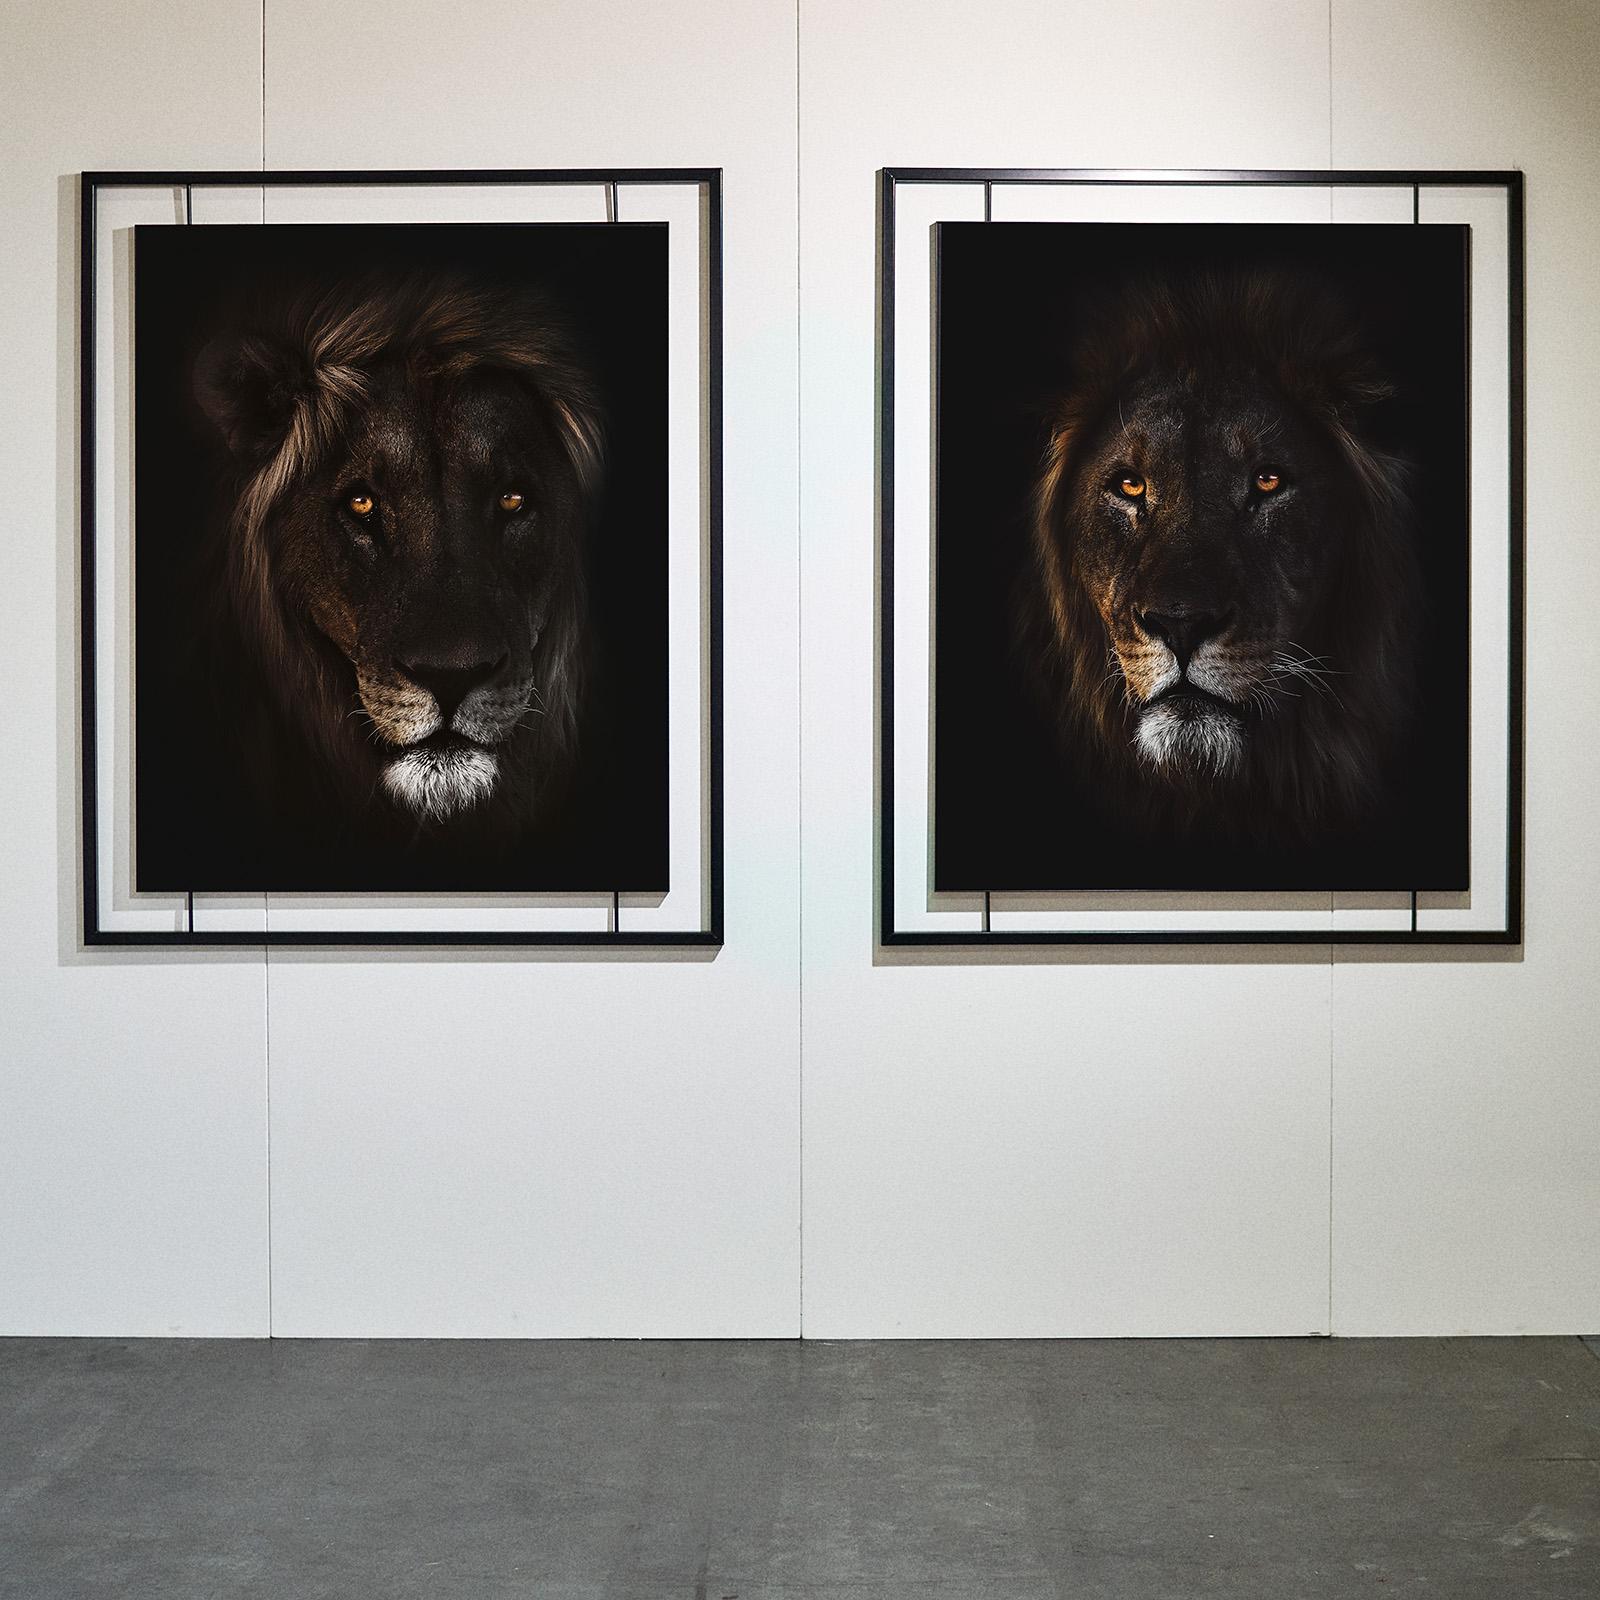 Kopf eines Löwe mit Imposanter Mähne der aus der Dunkelheit kommt